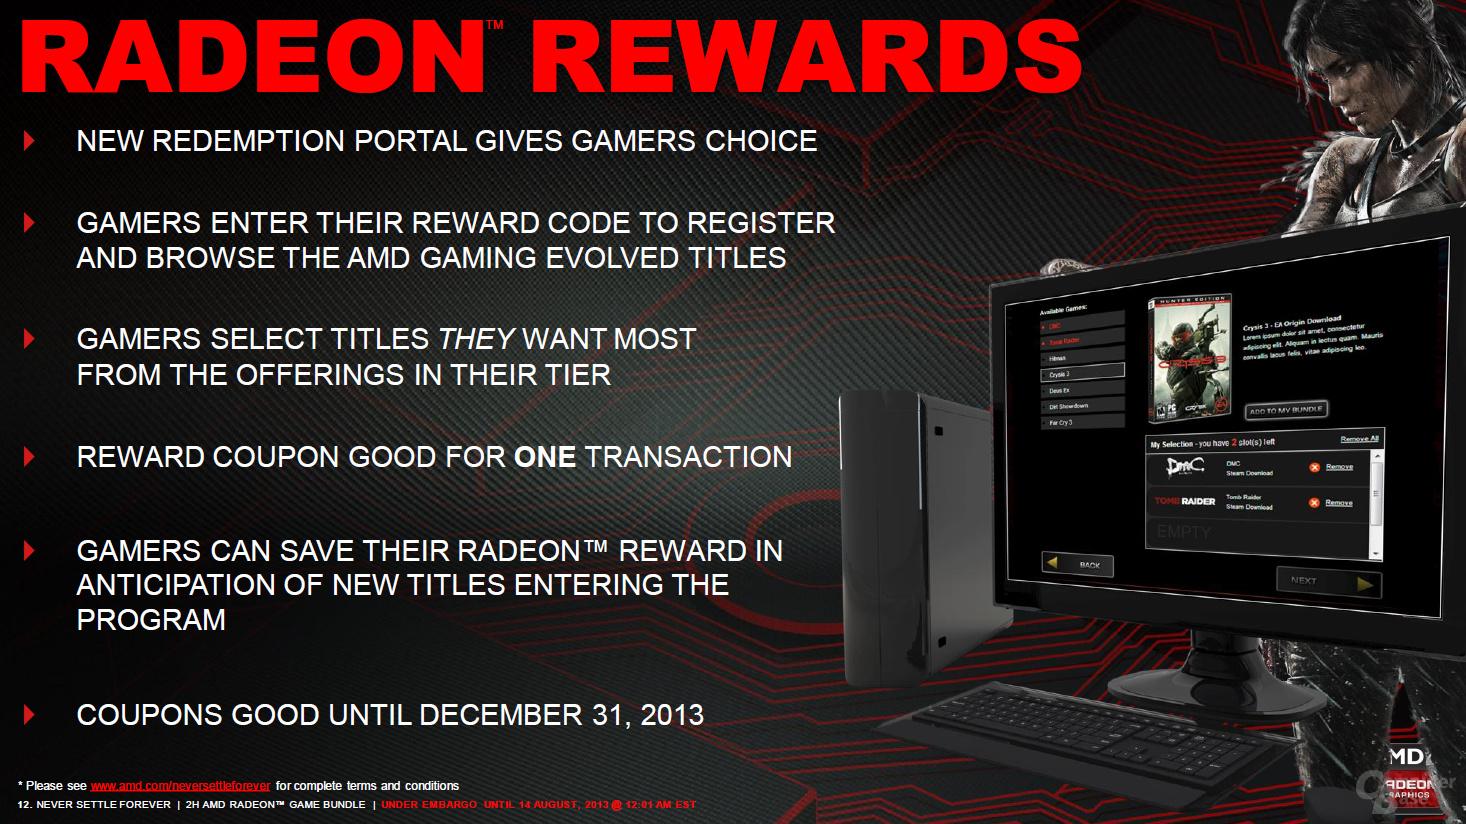 AMD Never Settle Forever: Bilder